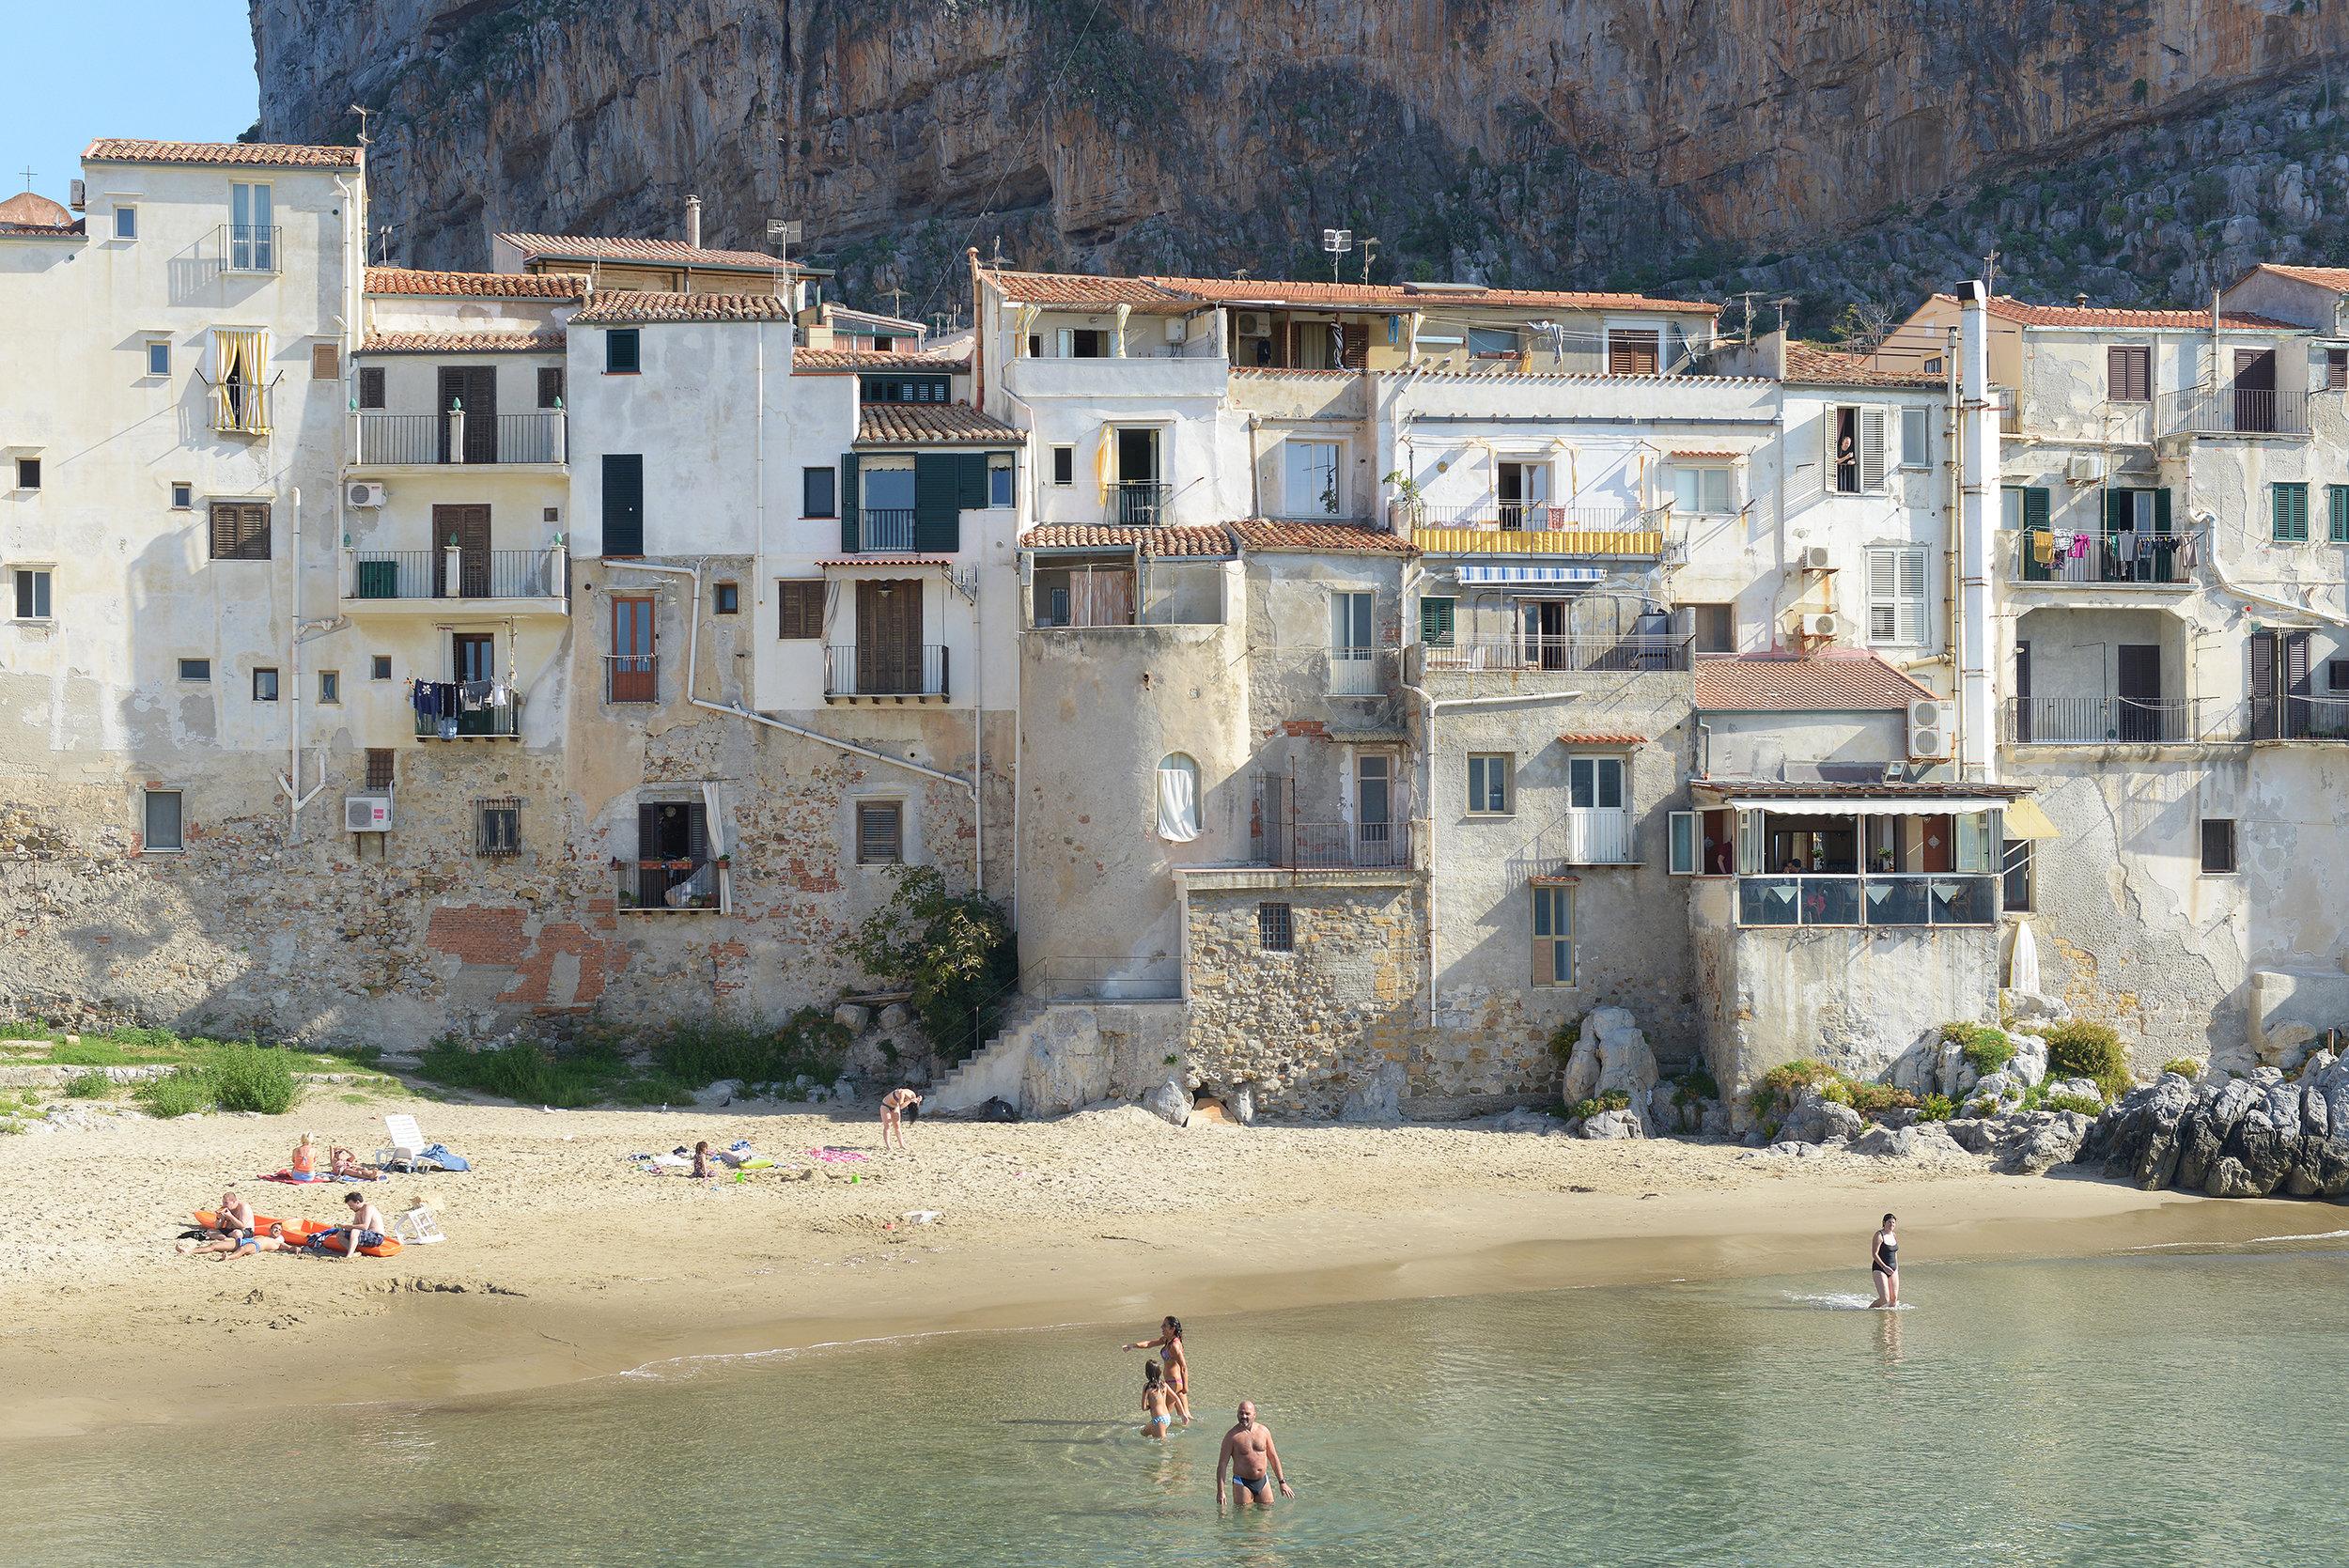 Italia, Sisilia, Cefalu